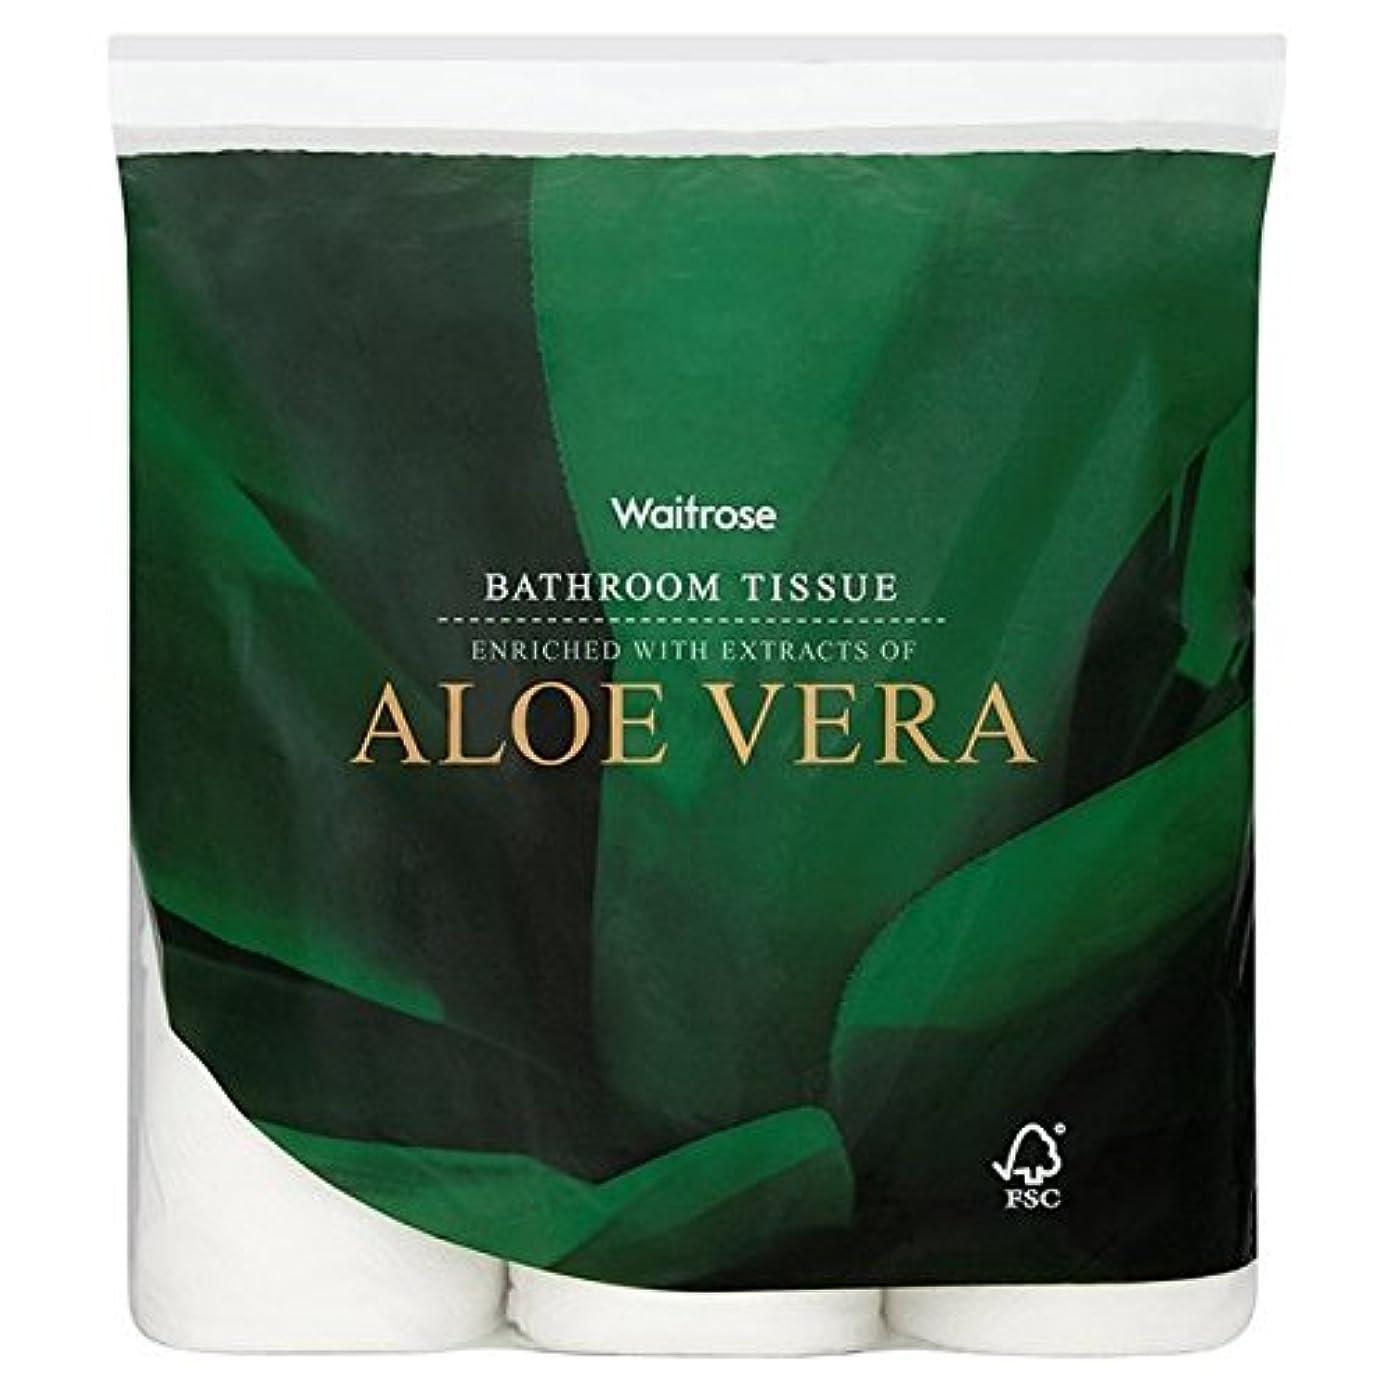 むき出しアリスオンパックあたりアロエベラ浴室組織白ウェイトローズ9 x4 - Aloe Vera Bathroom Tissue White Waitrose 9 per pack (Pack of 4) [並行輸入品]